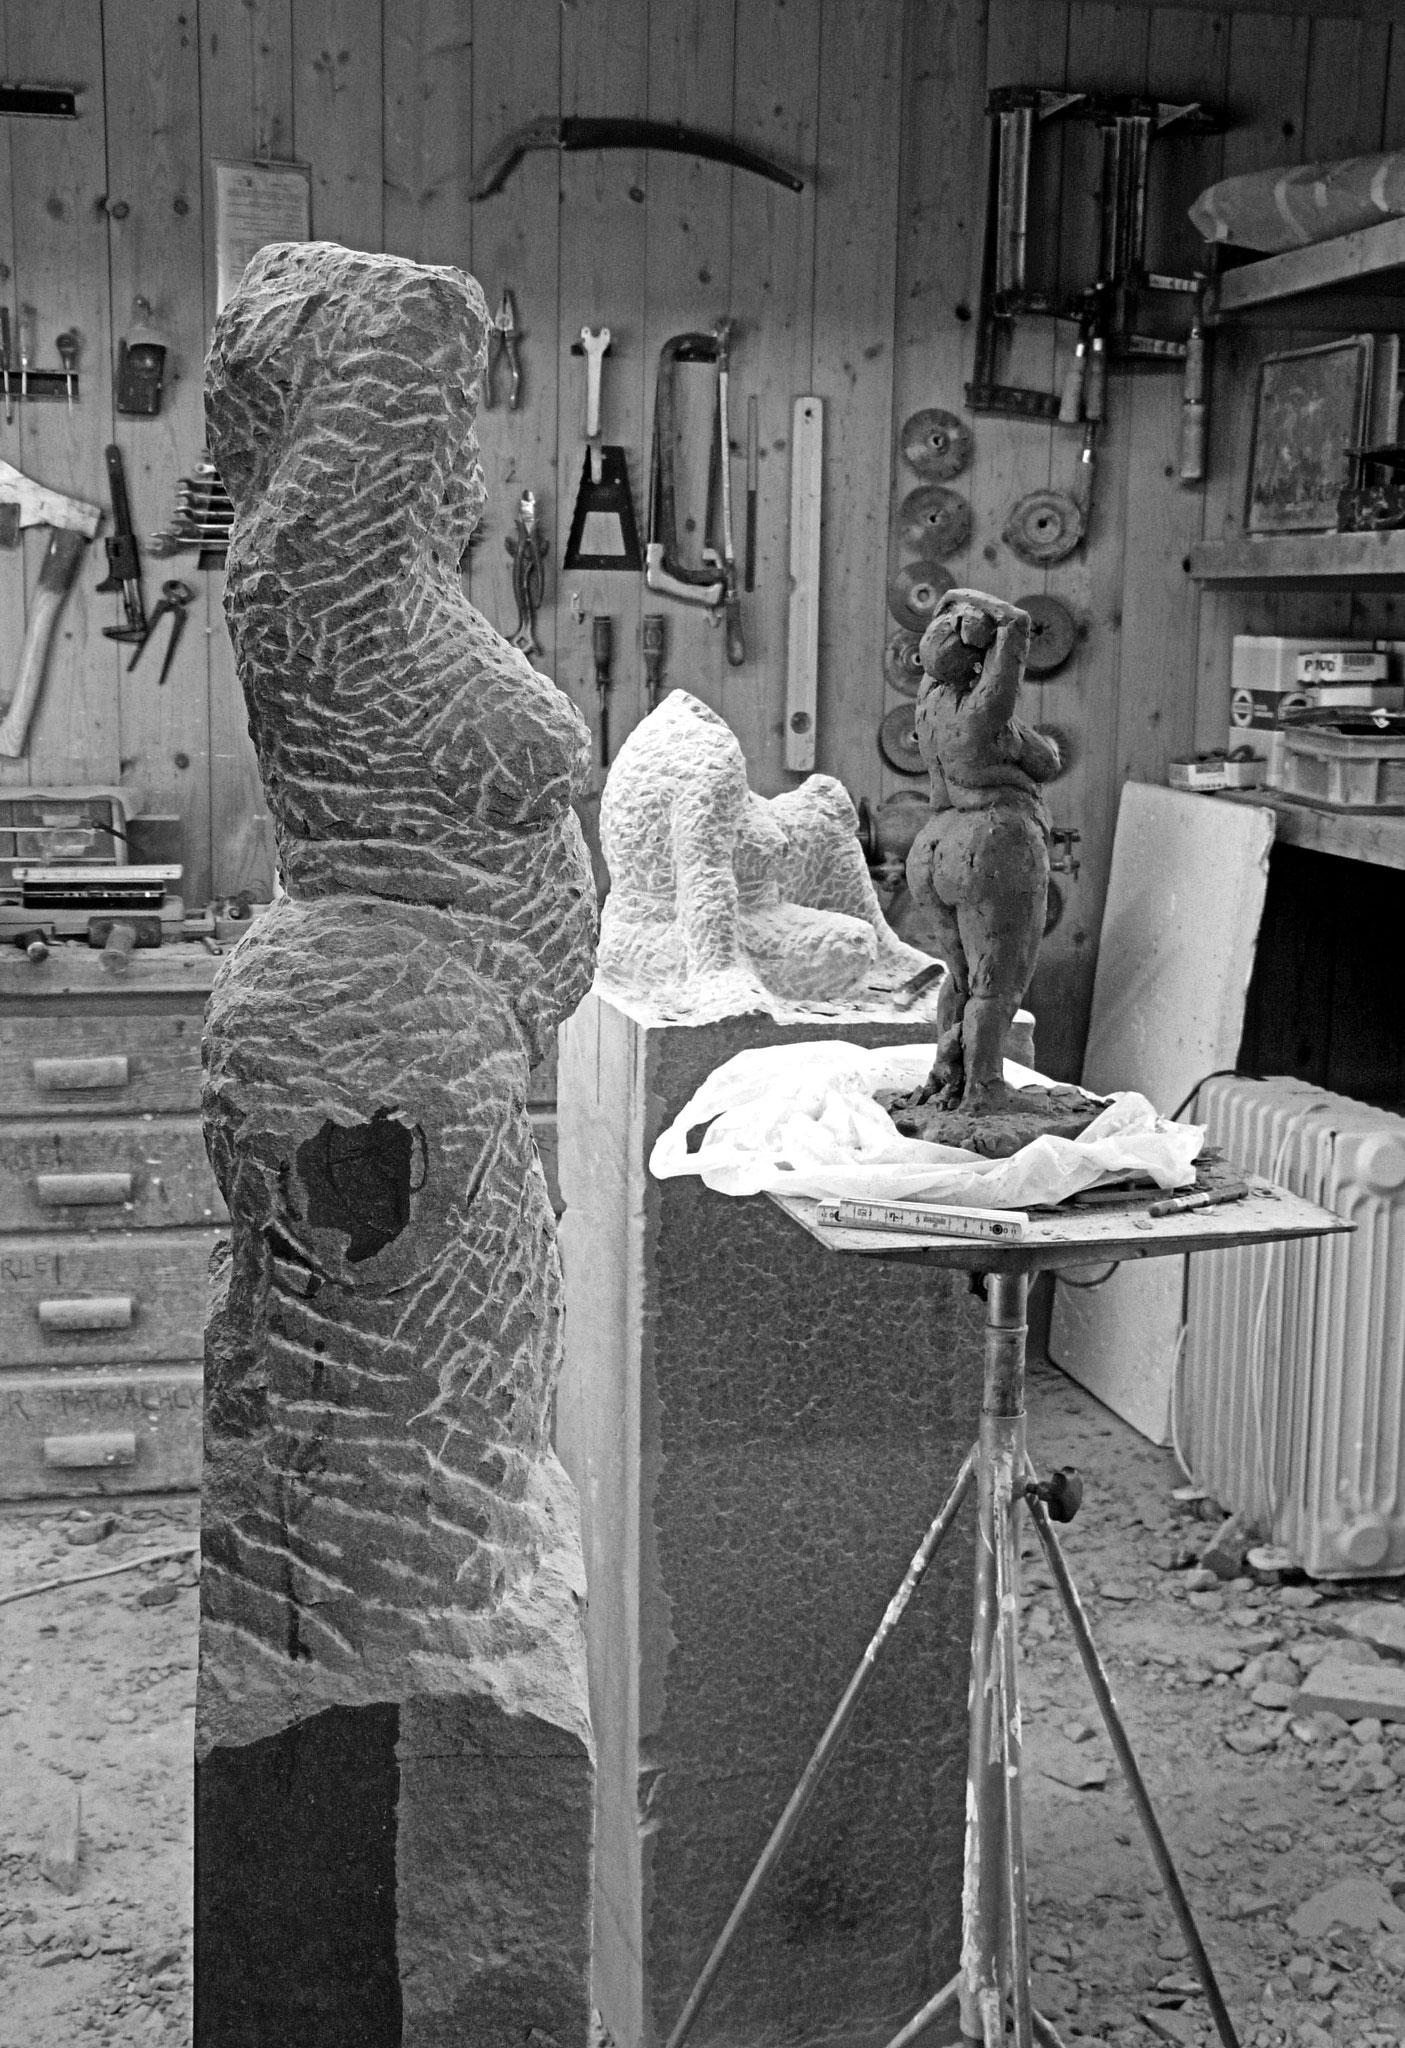 Werkstatt an der Arbeit Bildhauerei Wiedemer